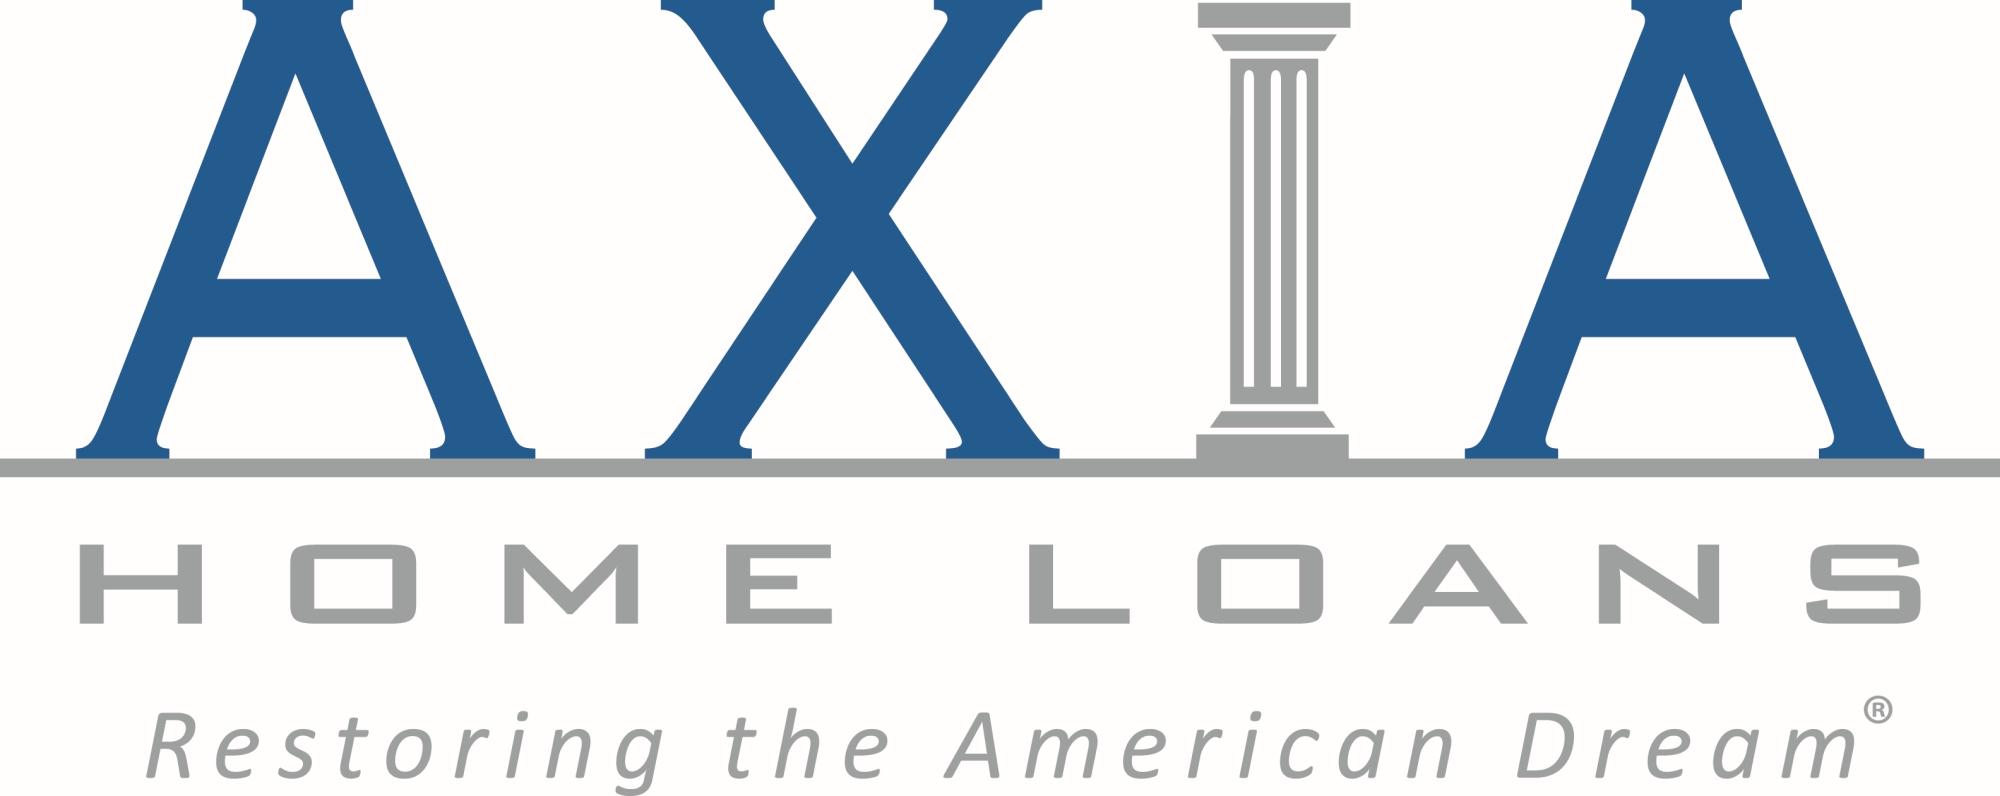 Axia Home Loans-1